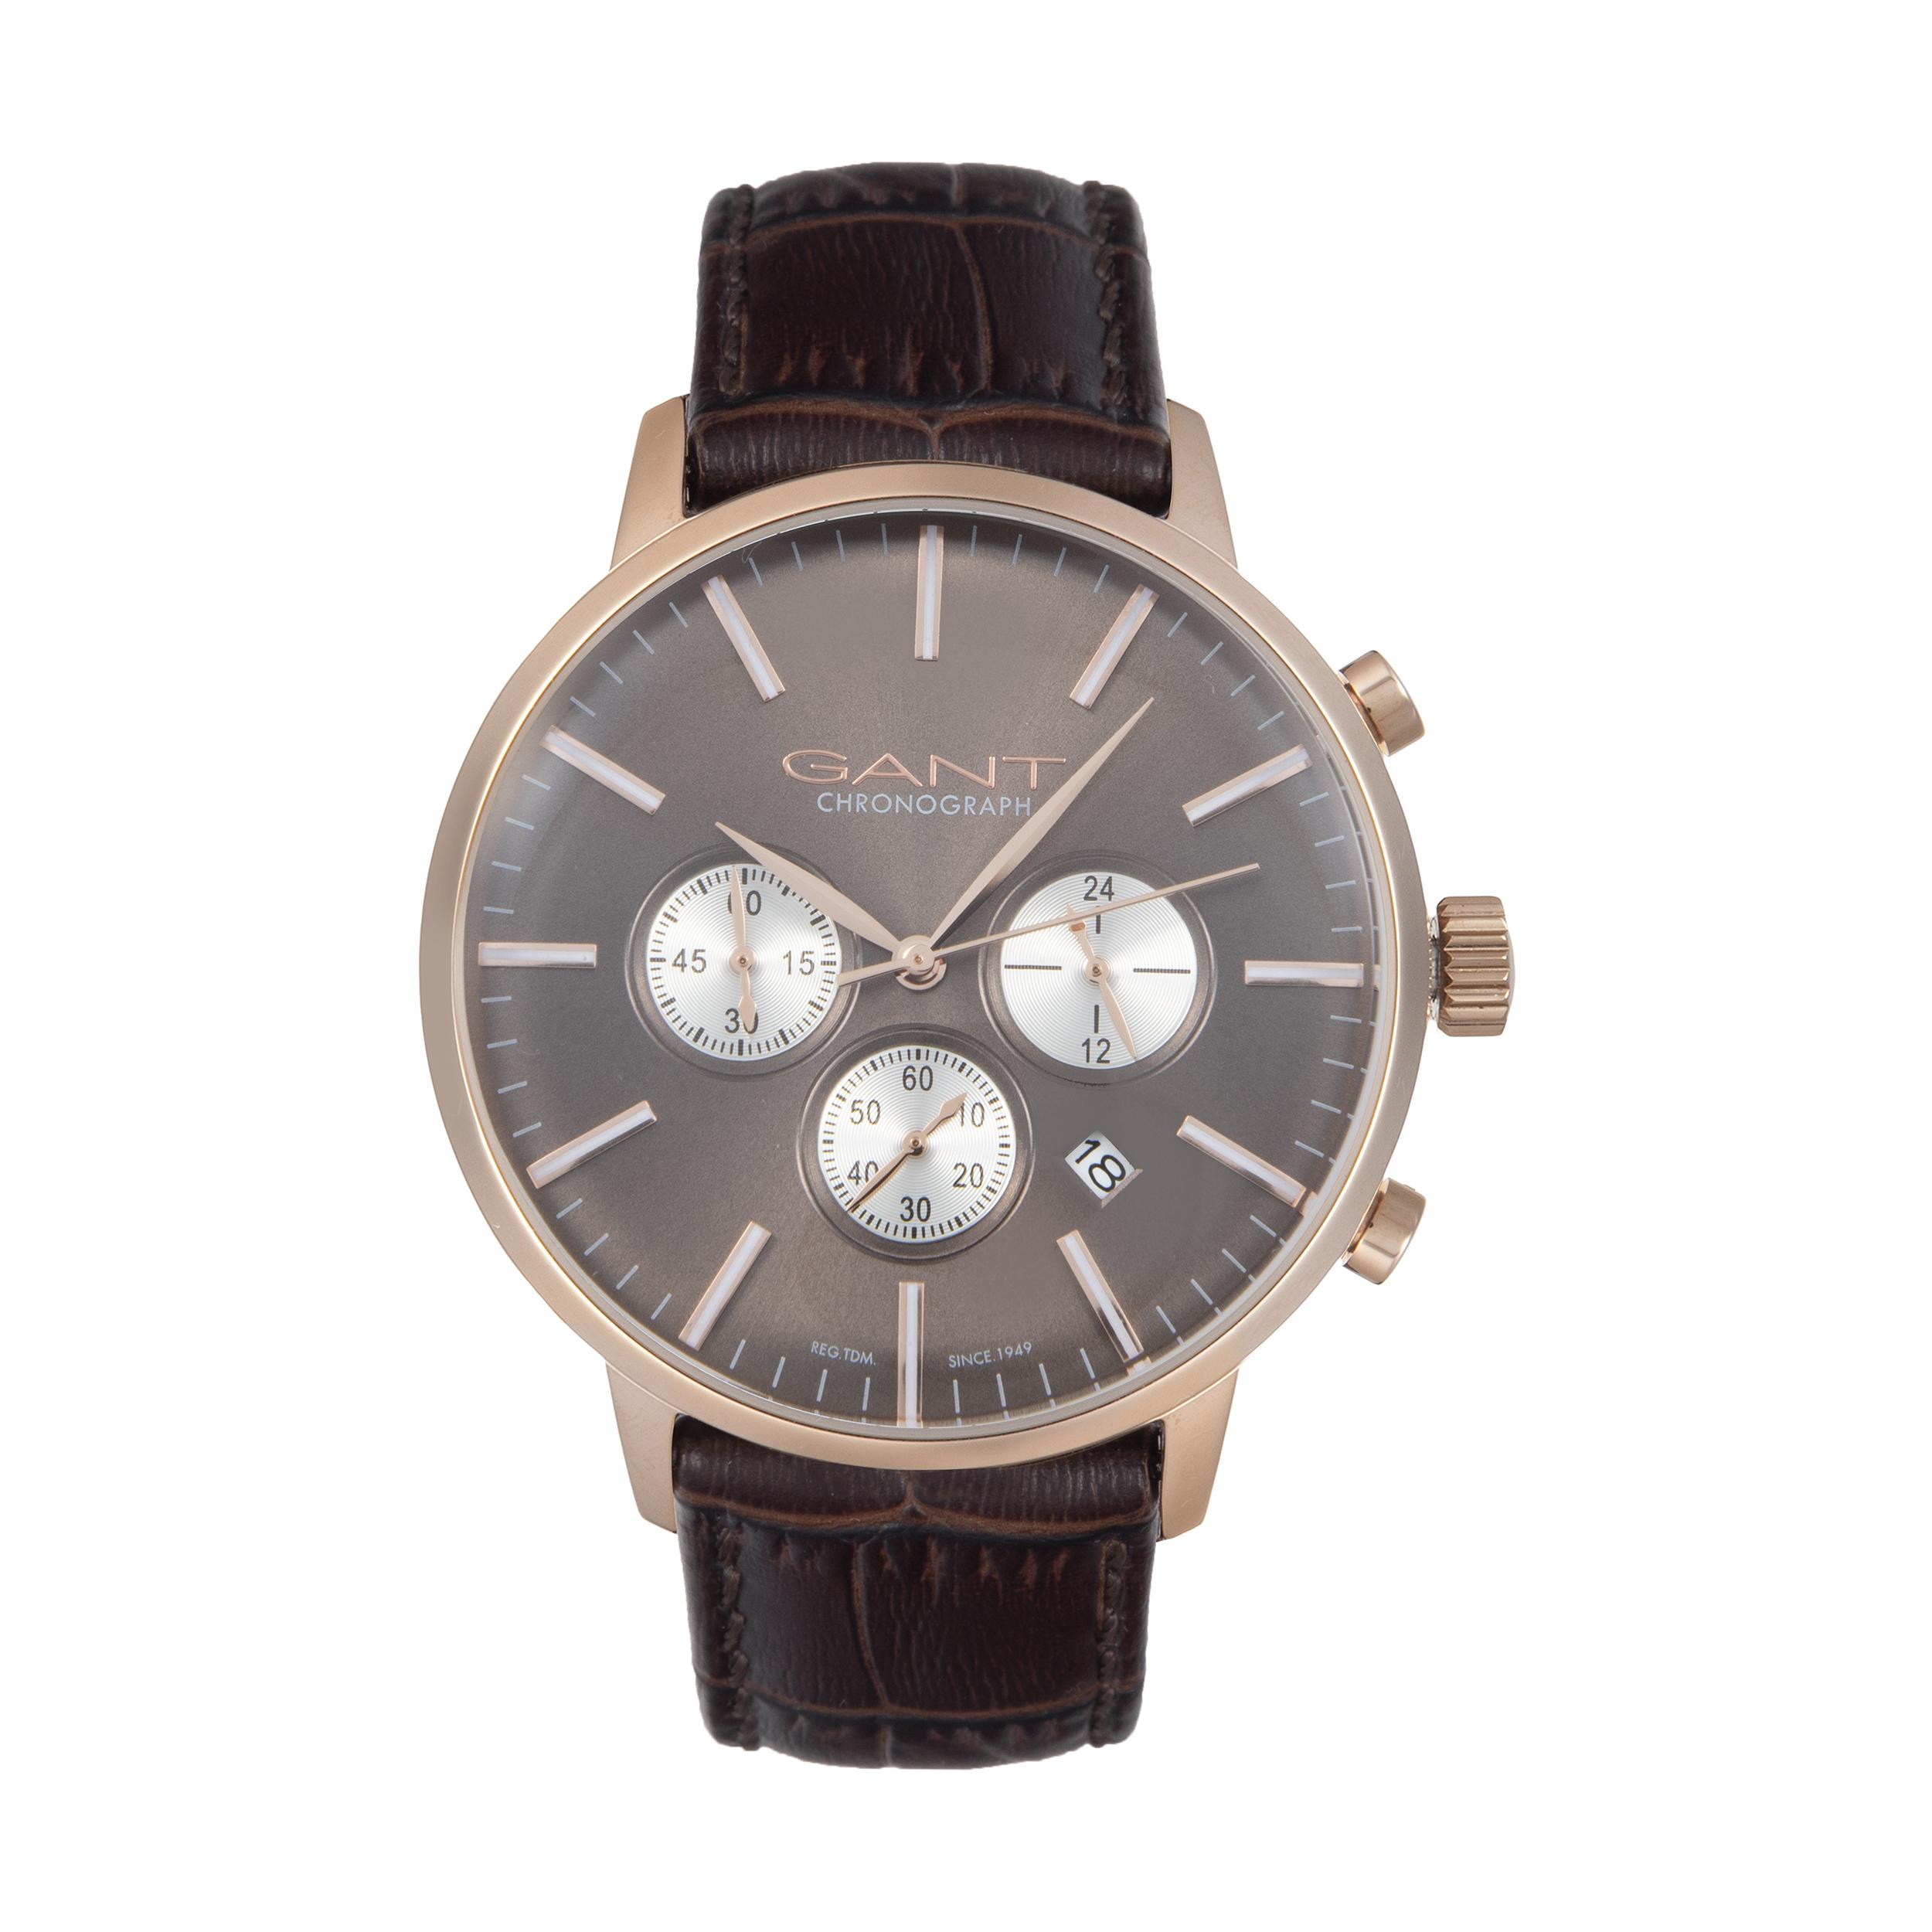 ساعت مچی عقربه ای مردانه گنت مدل GWW024002 -  - 2